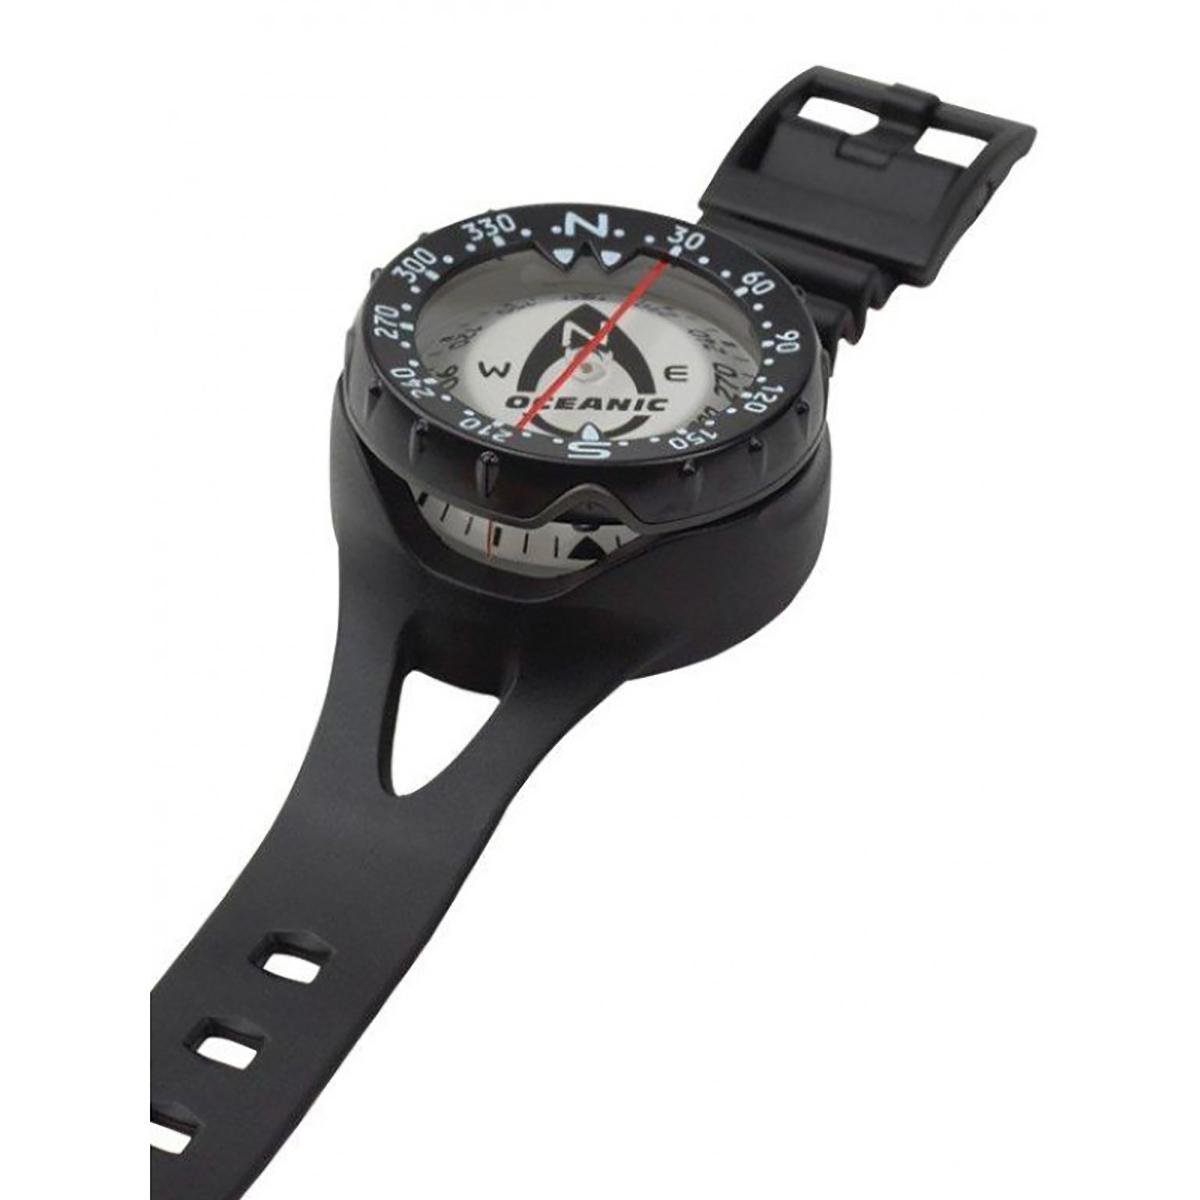 Compass, Wrist Mt Swiv